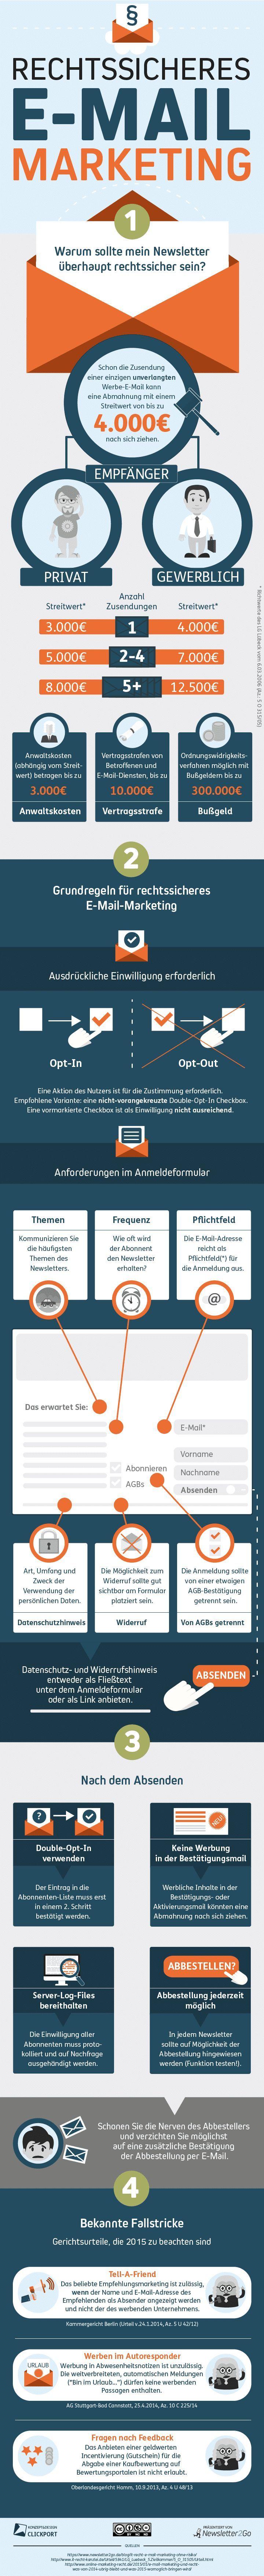 Rechtssicheres Email-Marketing - Infografik Confira as nossas recomendações!